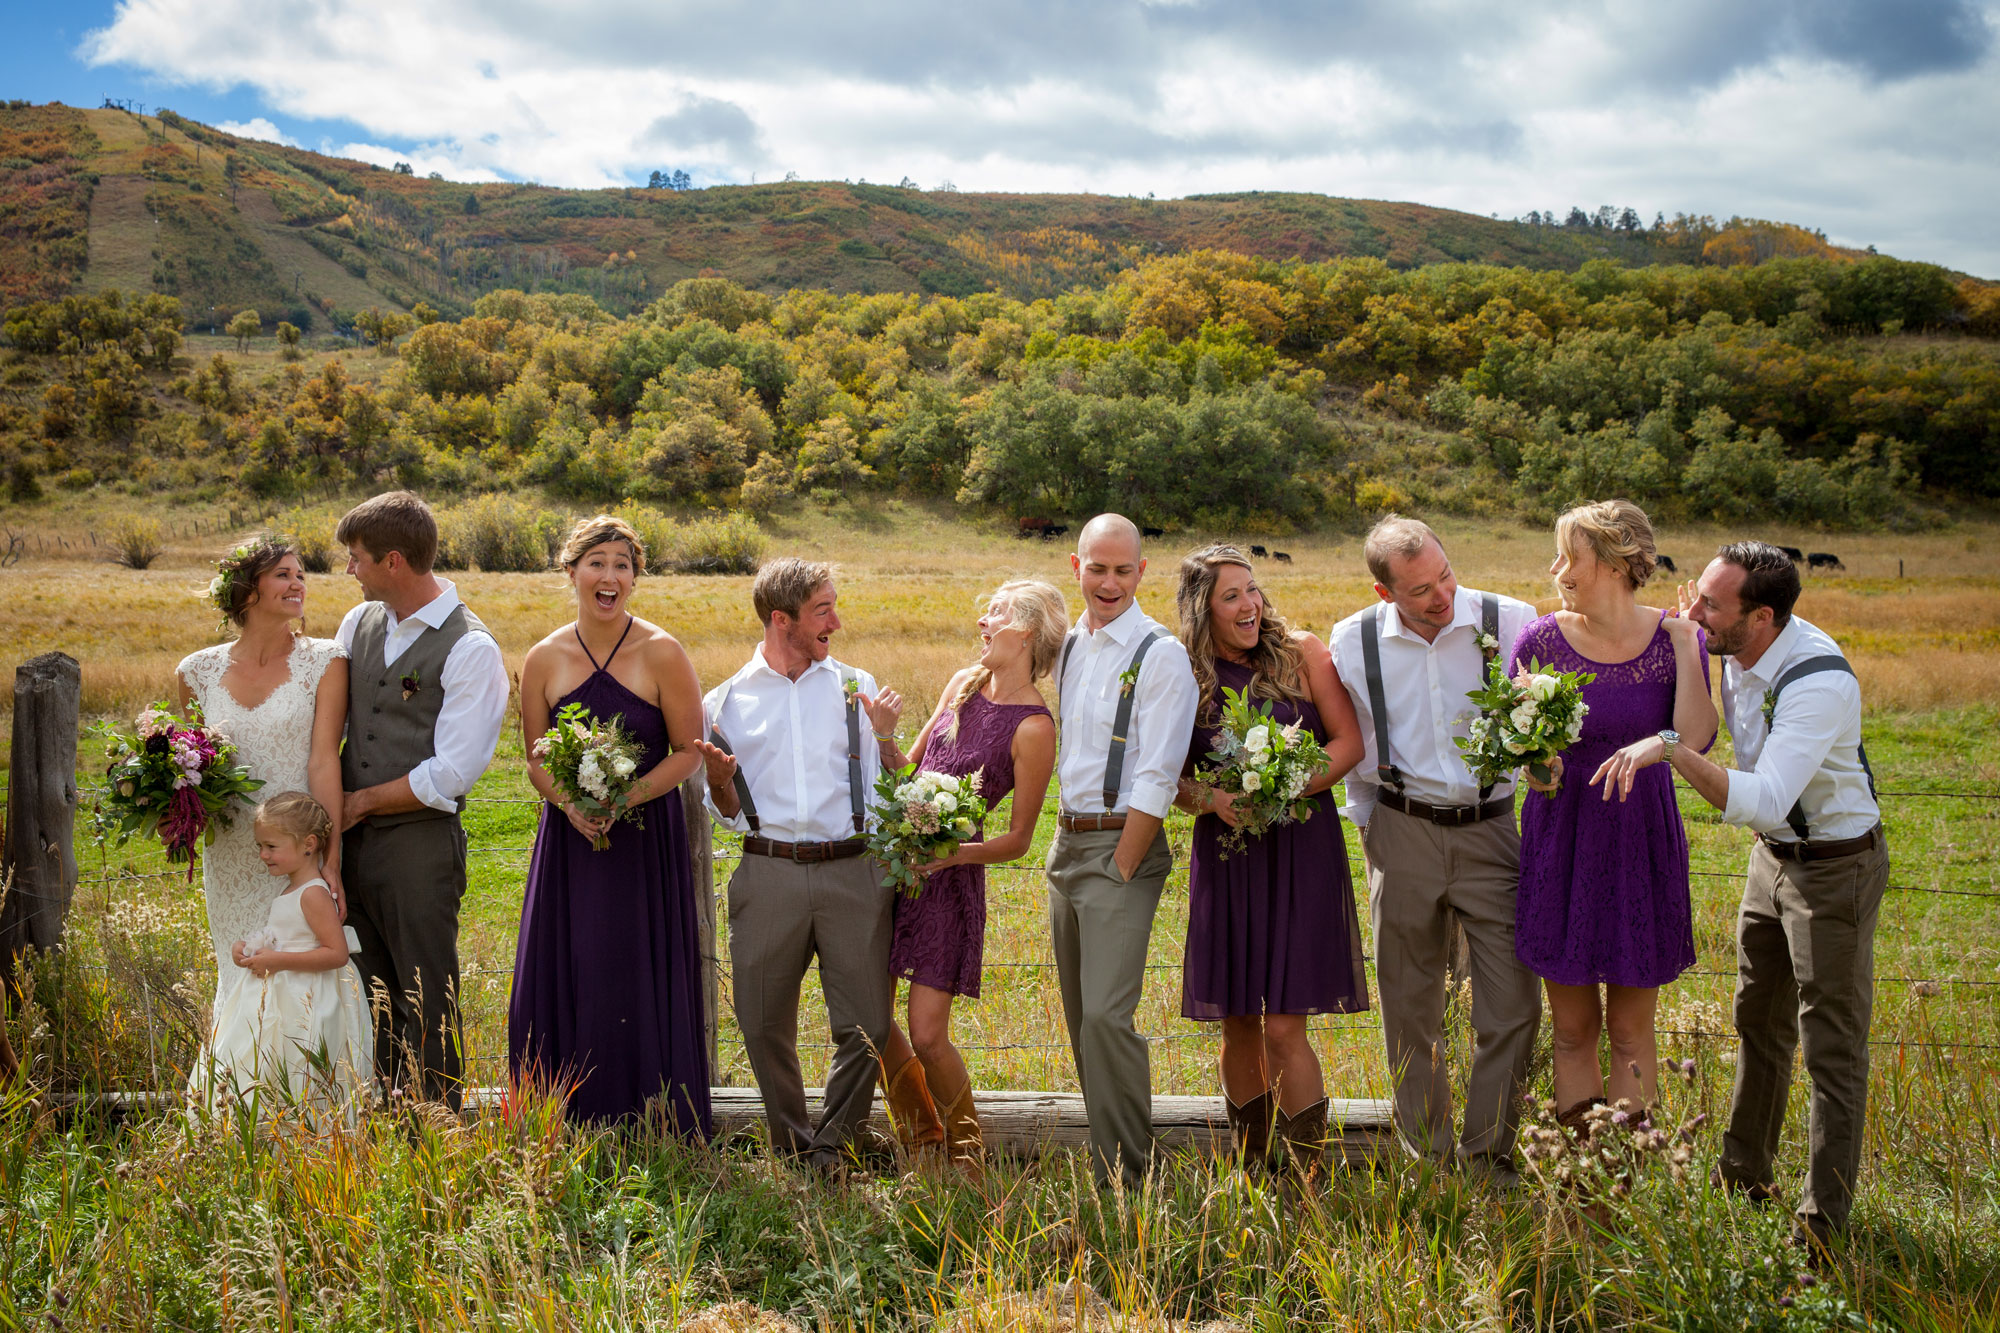 A Farmhouse Wedding in La Plata Canyon, Durango